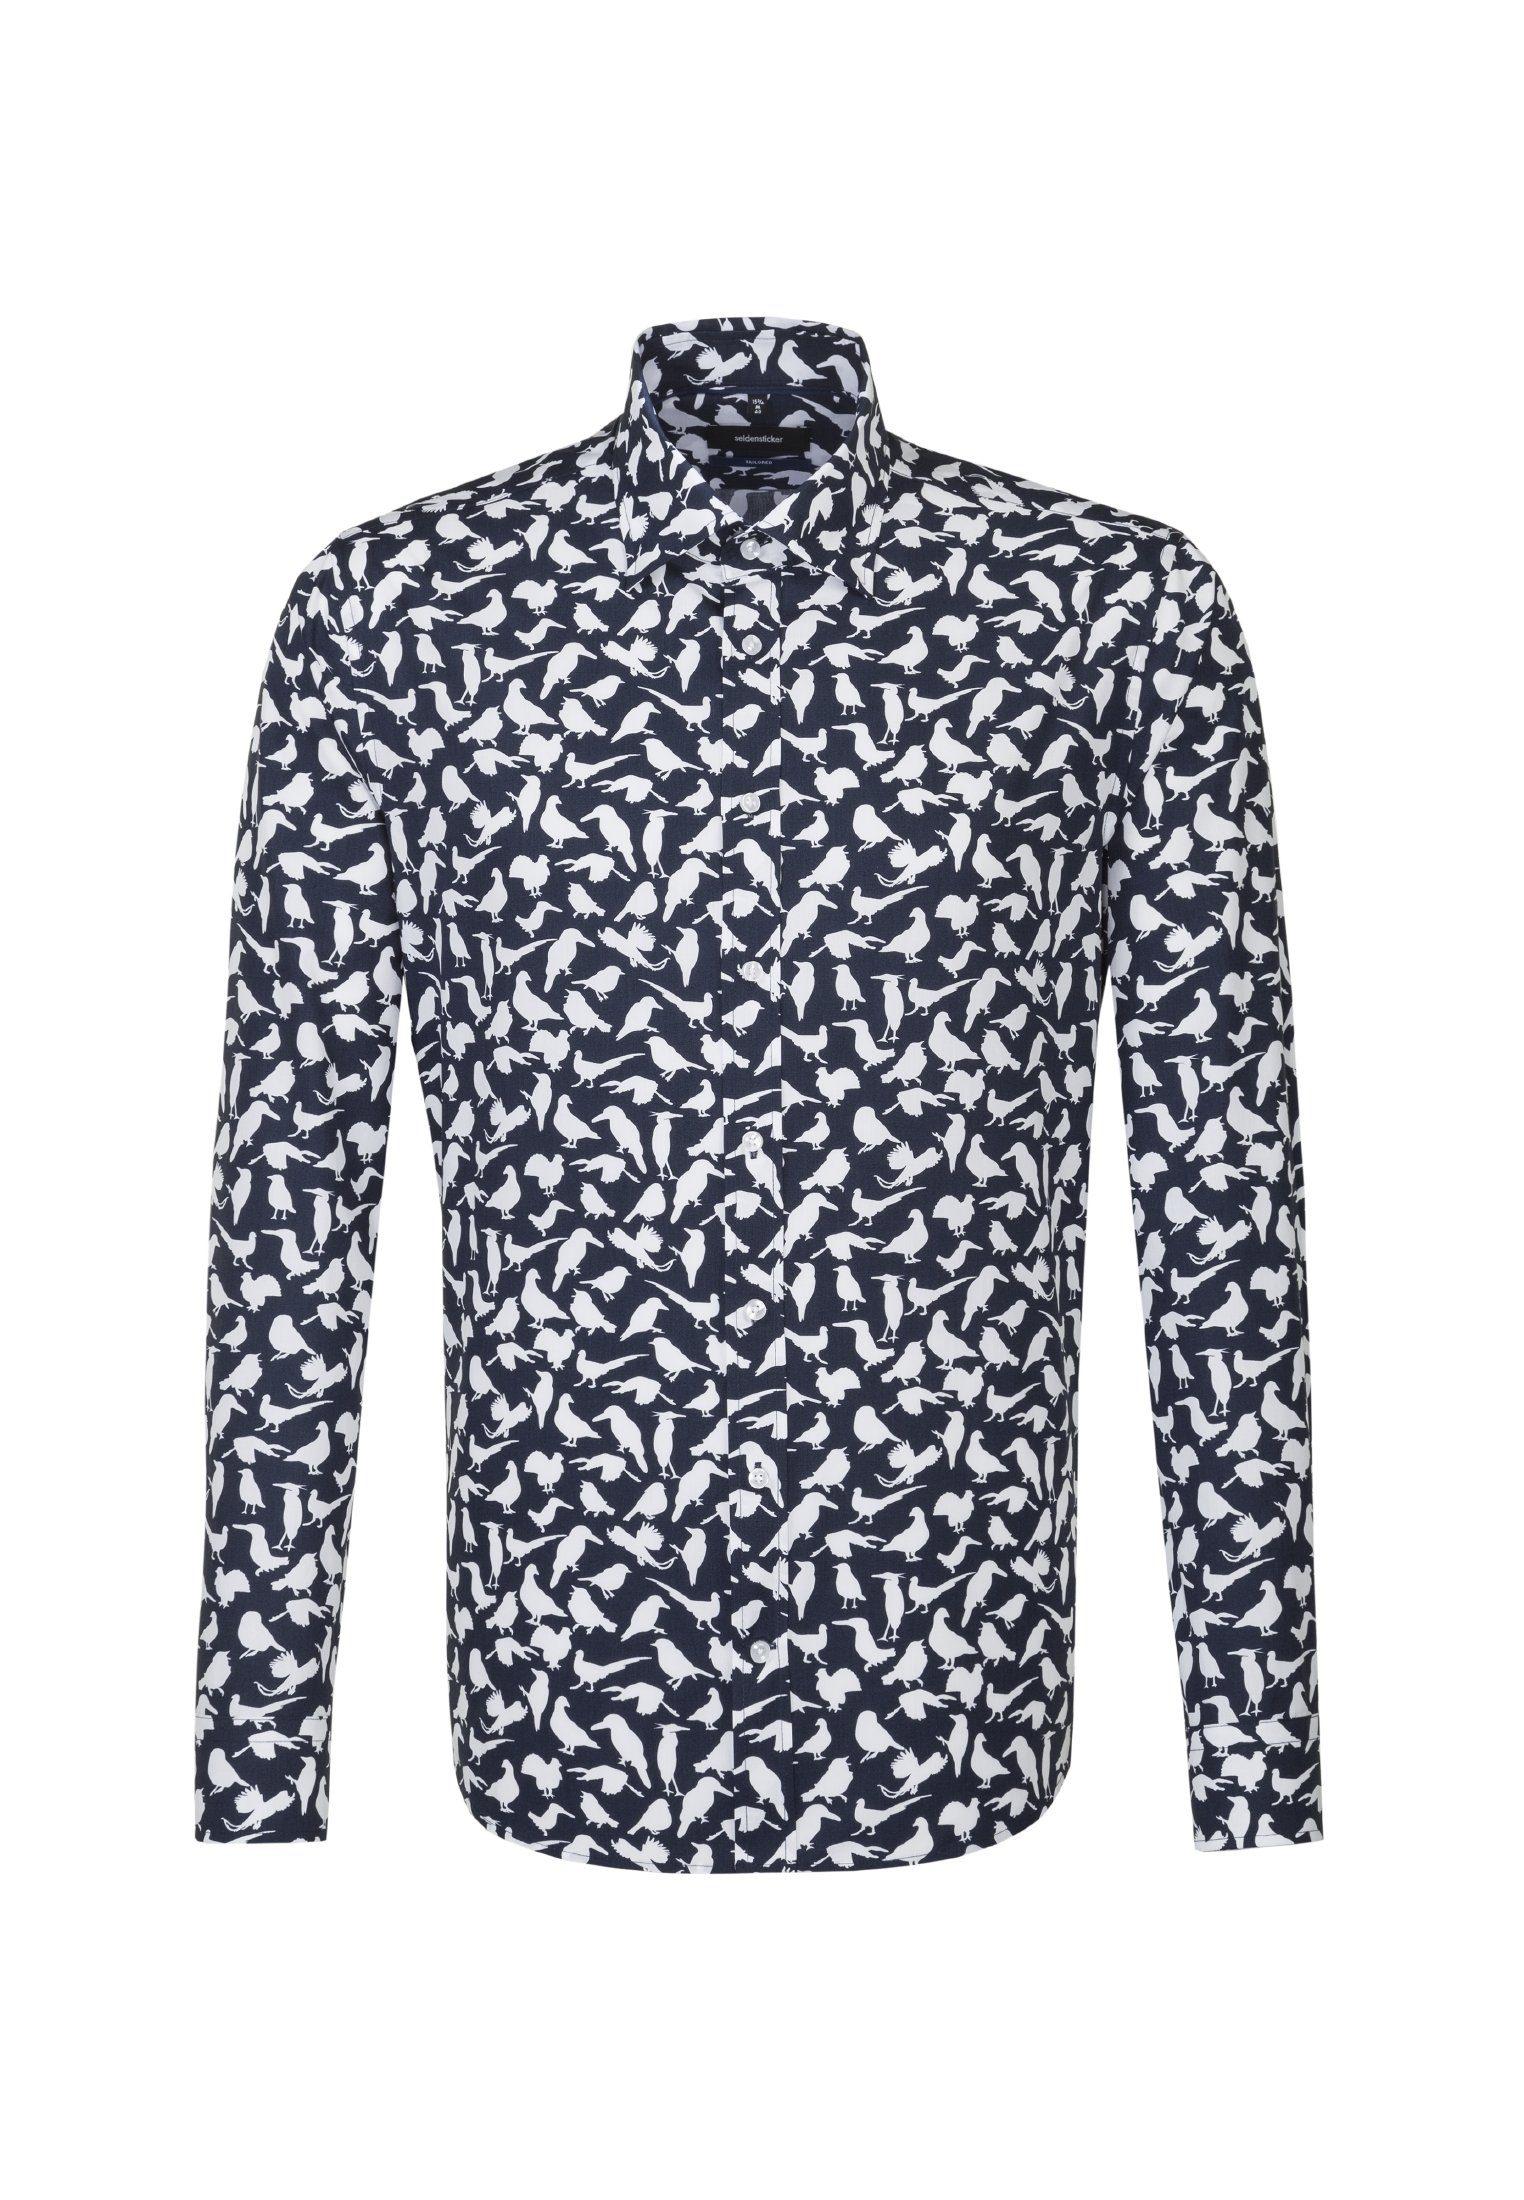 seidensticker Businesshemd »Tailored« Tailored Langarm Covered Button Down Kragen Print, Material: 100% Baumwolle online kaufen | OTTO